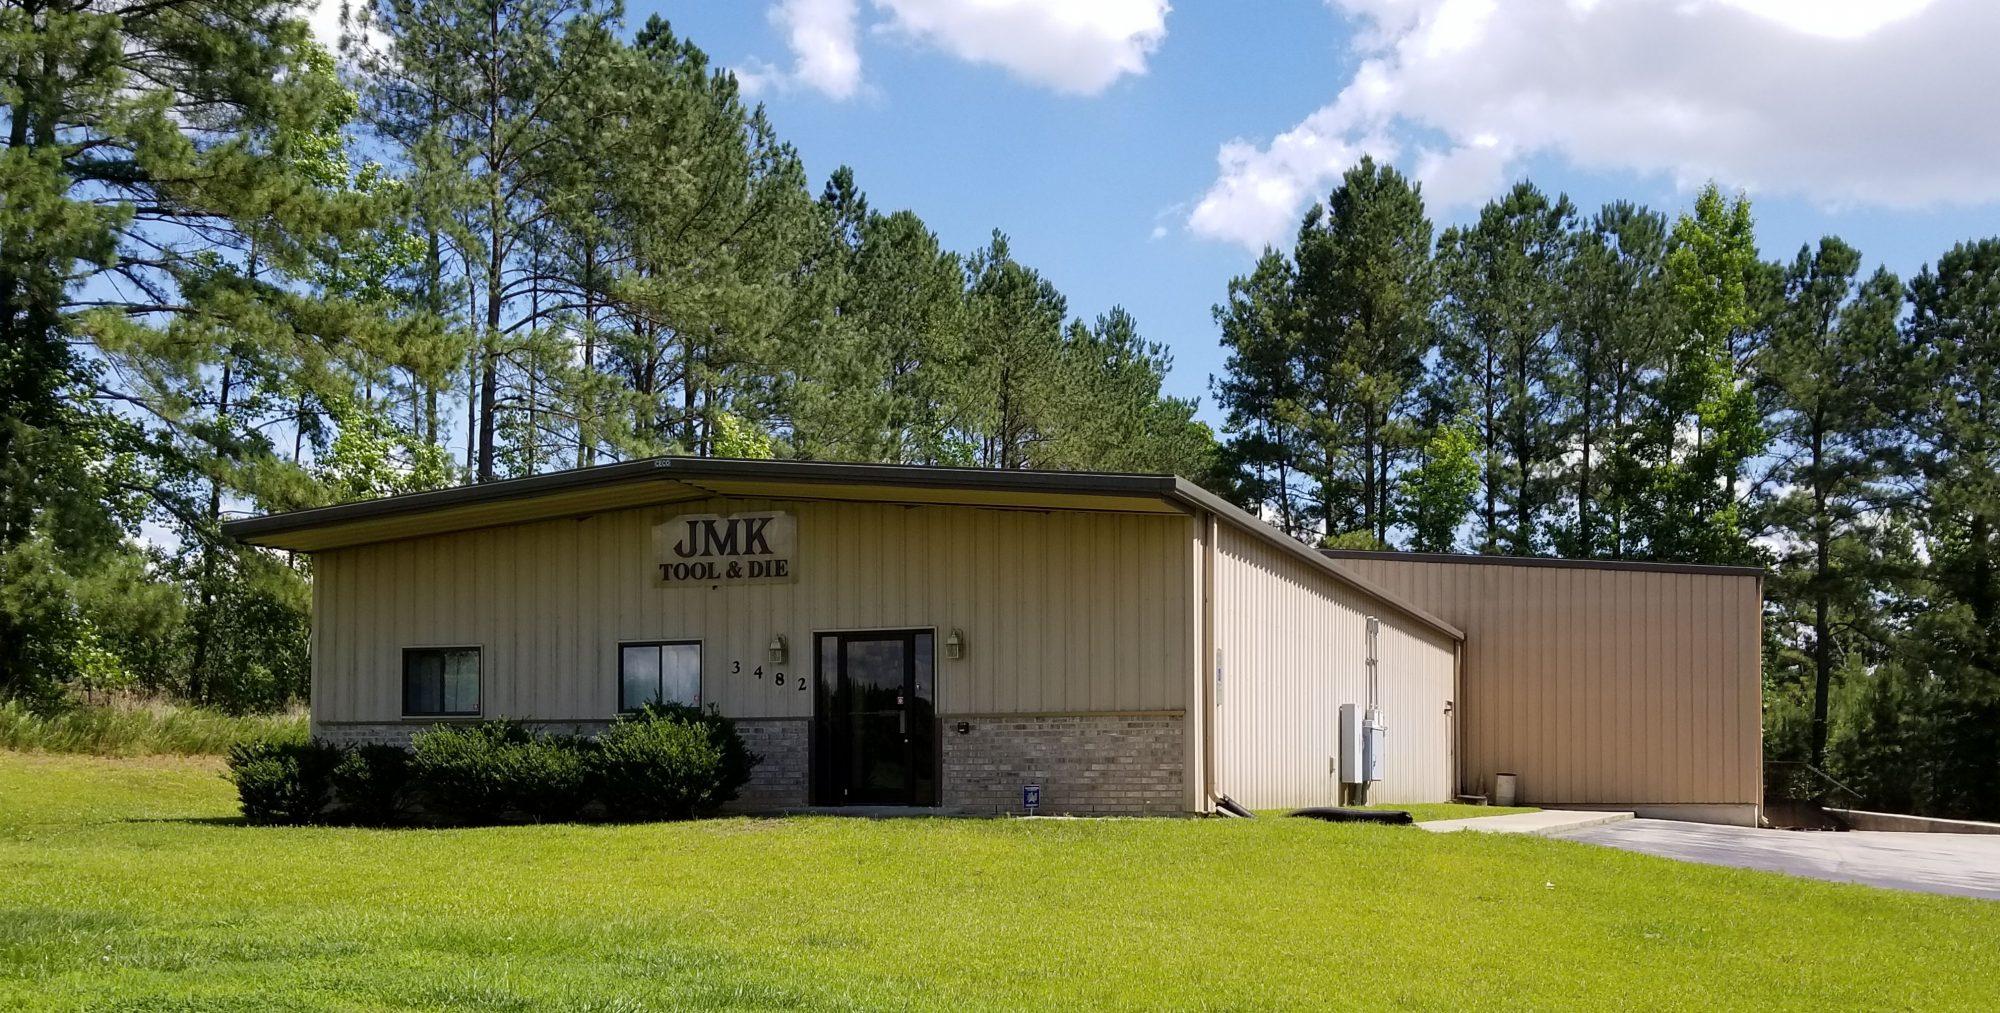 JMK Tool & Die, Inc.